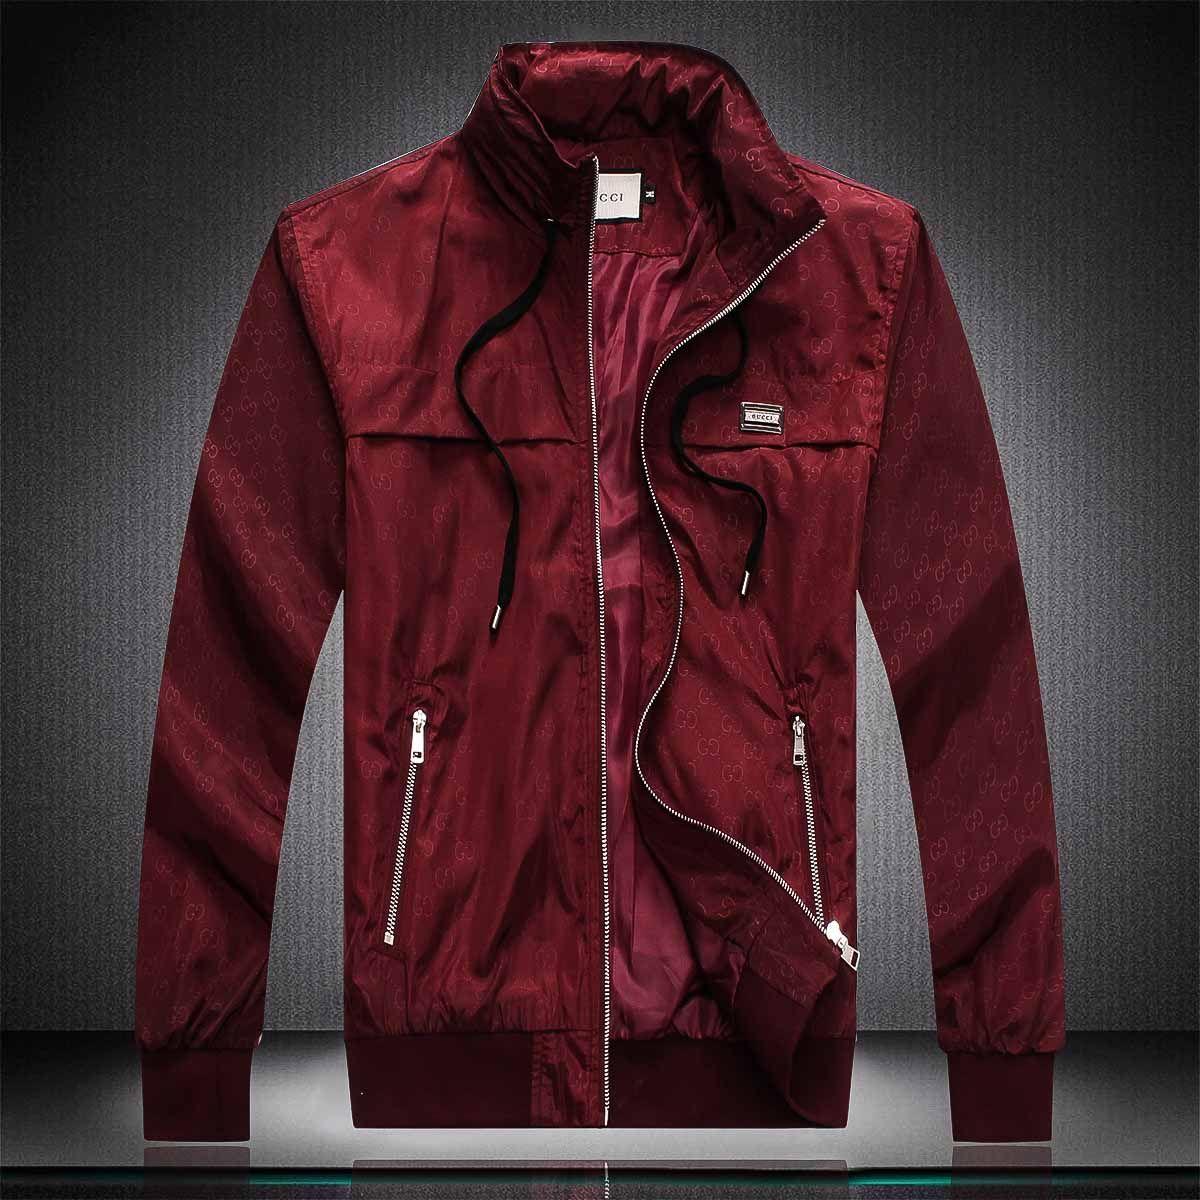 2020 Son Varış Erkek Kot Tasarımcı Ceketler Kadınlar Için Giyim Mektup Baskılı Erkekler Kış Mont Lüks Erkekler S Giyim Streetwear M-3XL